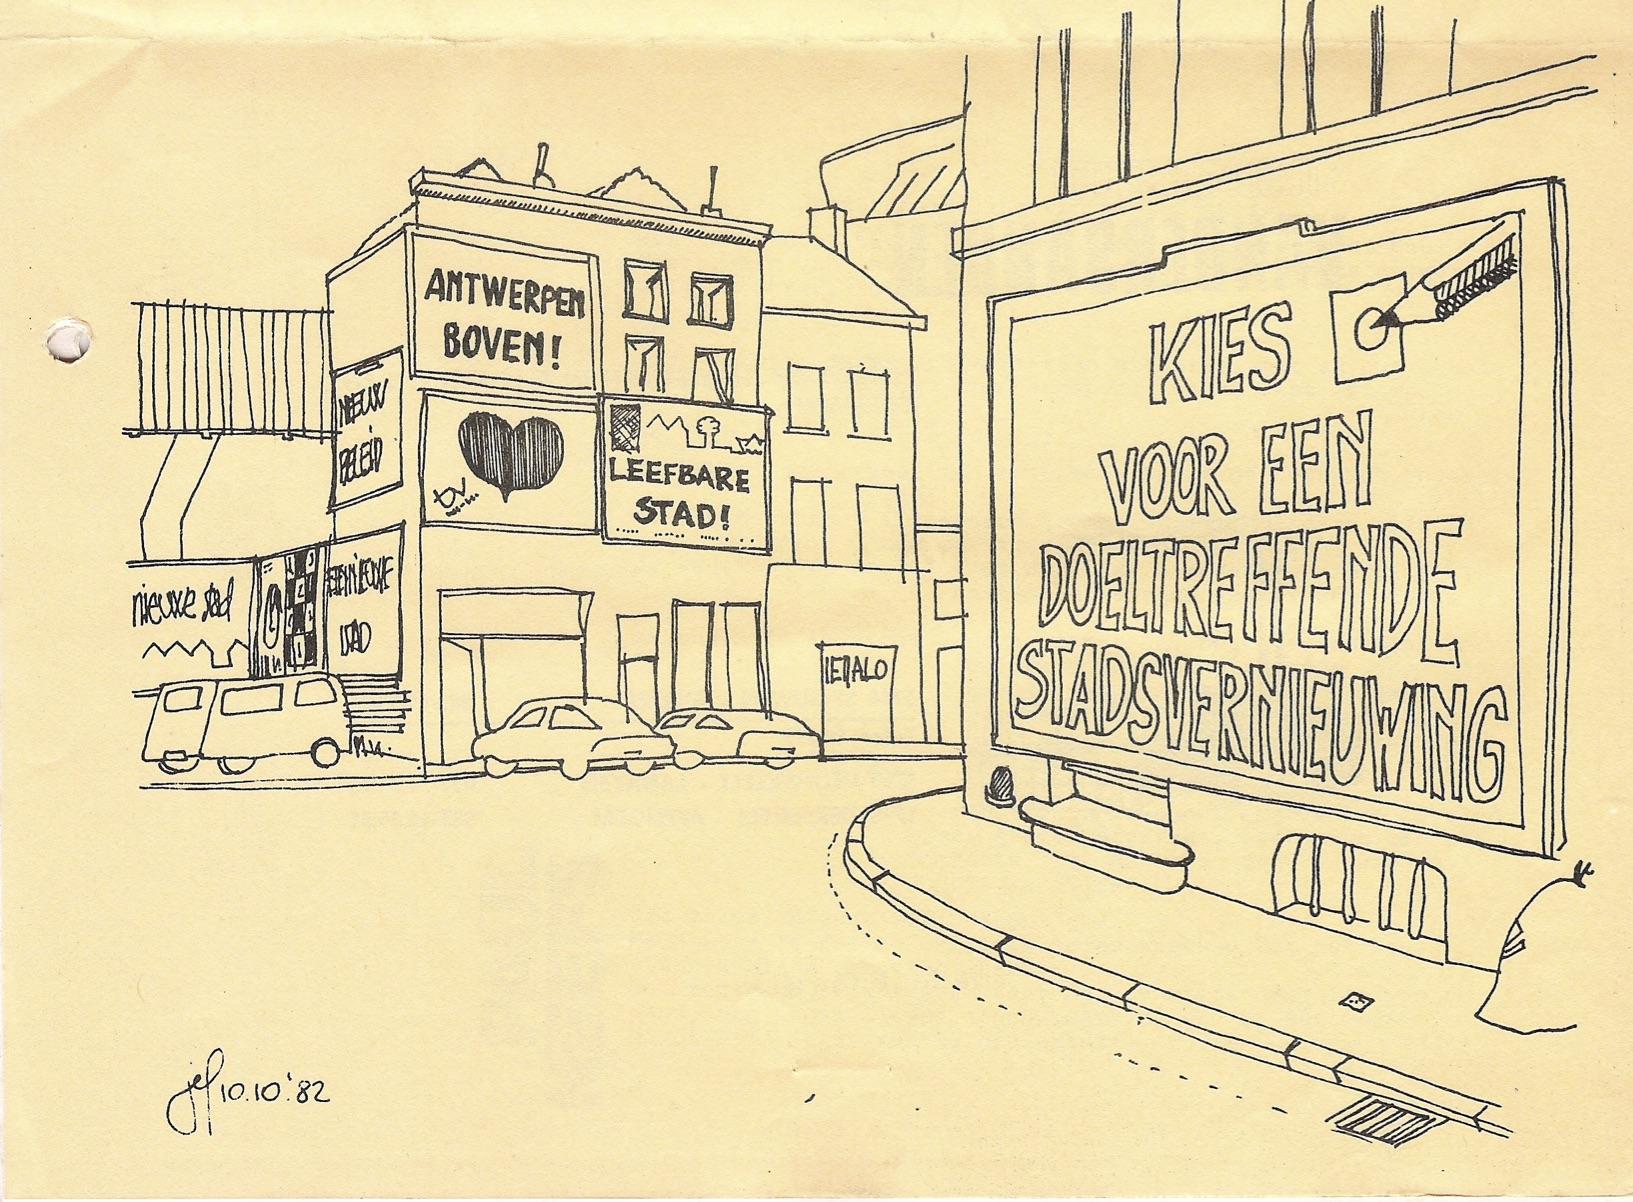 1982, verkiezingsaffiches in Antwerpen voor stadsvernieuwing